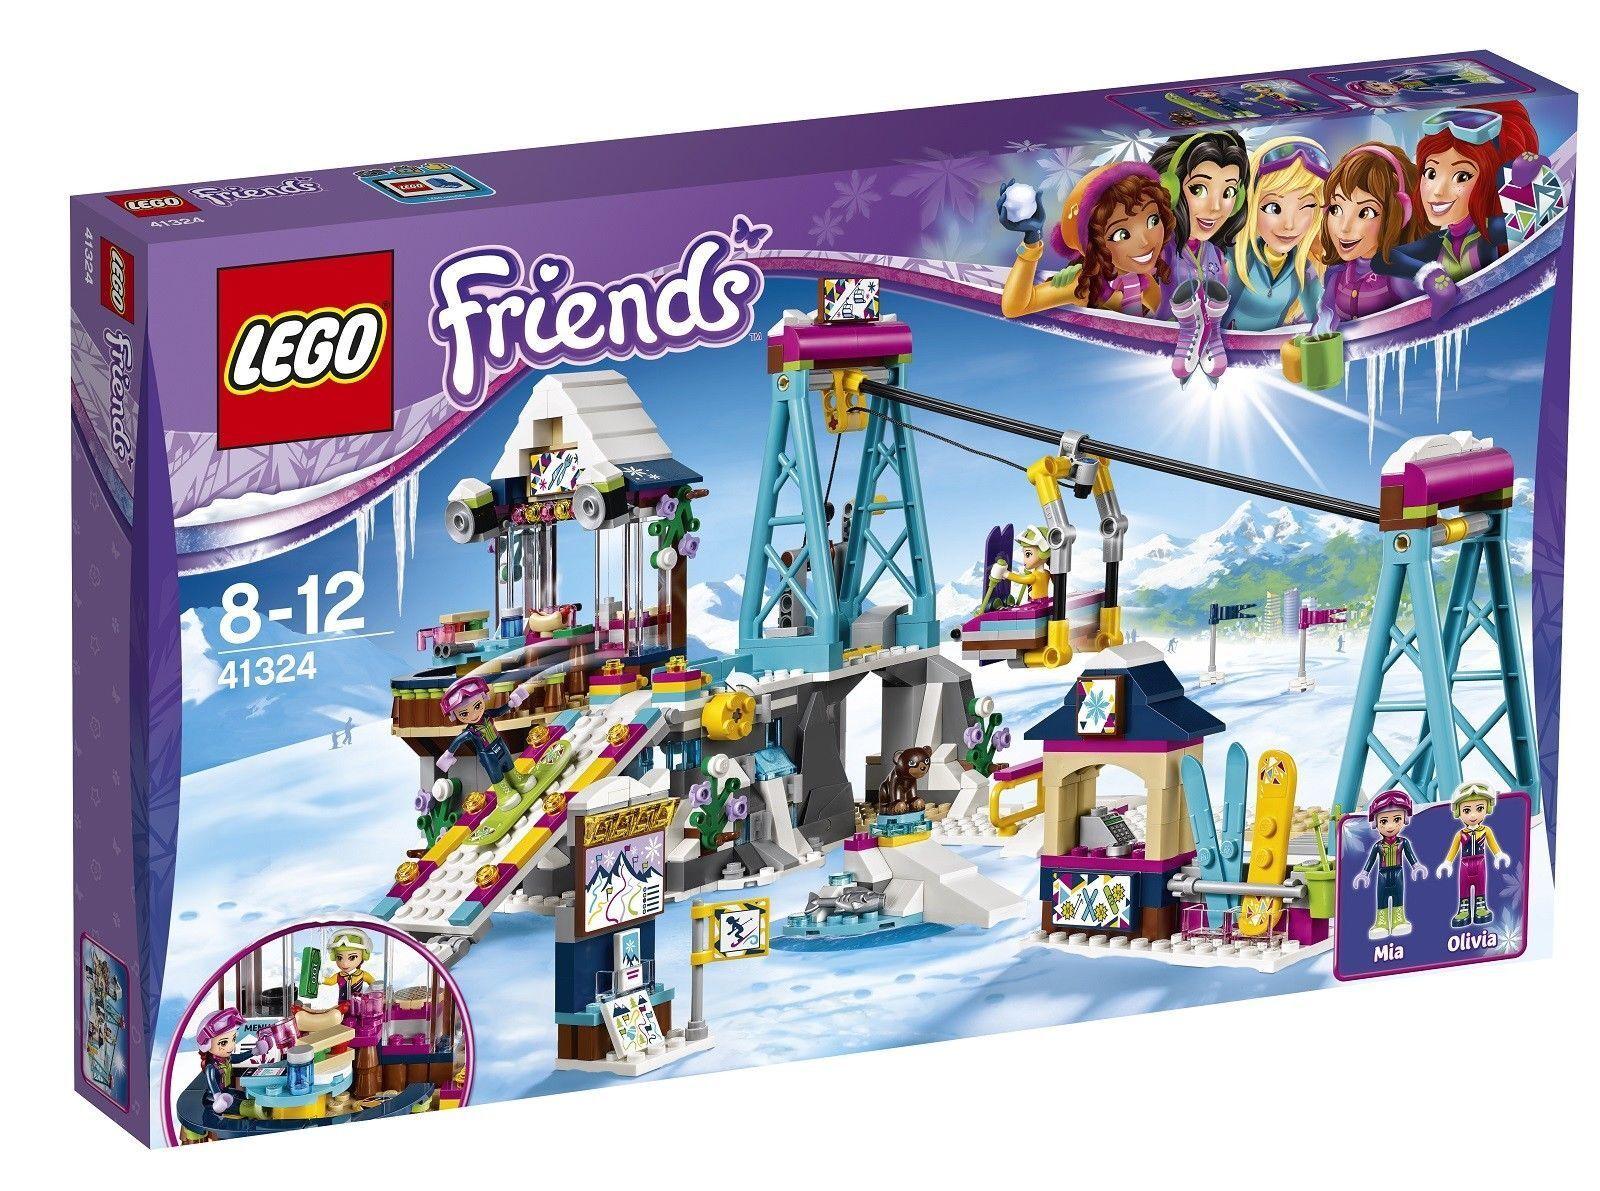 LEGO Friends Snow Resort  ski lift 2017 (41324) BRAND nouveau UNOPENED Box Cadeau  site officiel